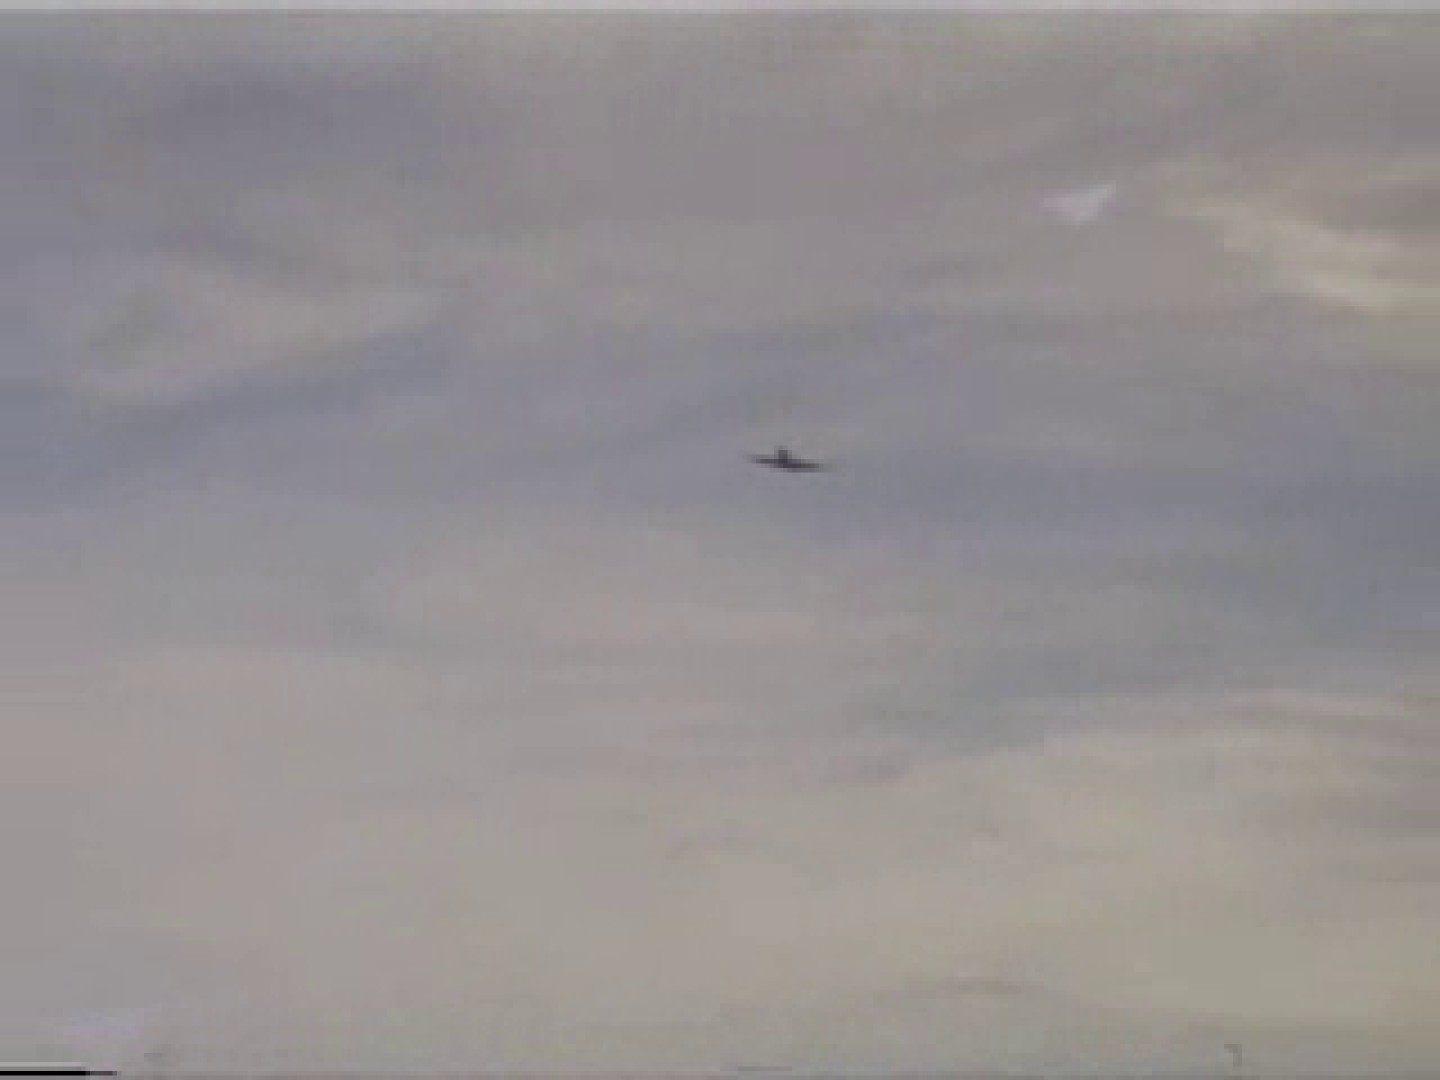 晴天の青空の下、空き地でSEX! アナル責め ゲイ発射もろ画像 89枚 3